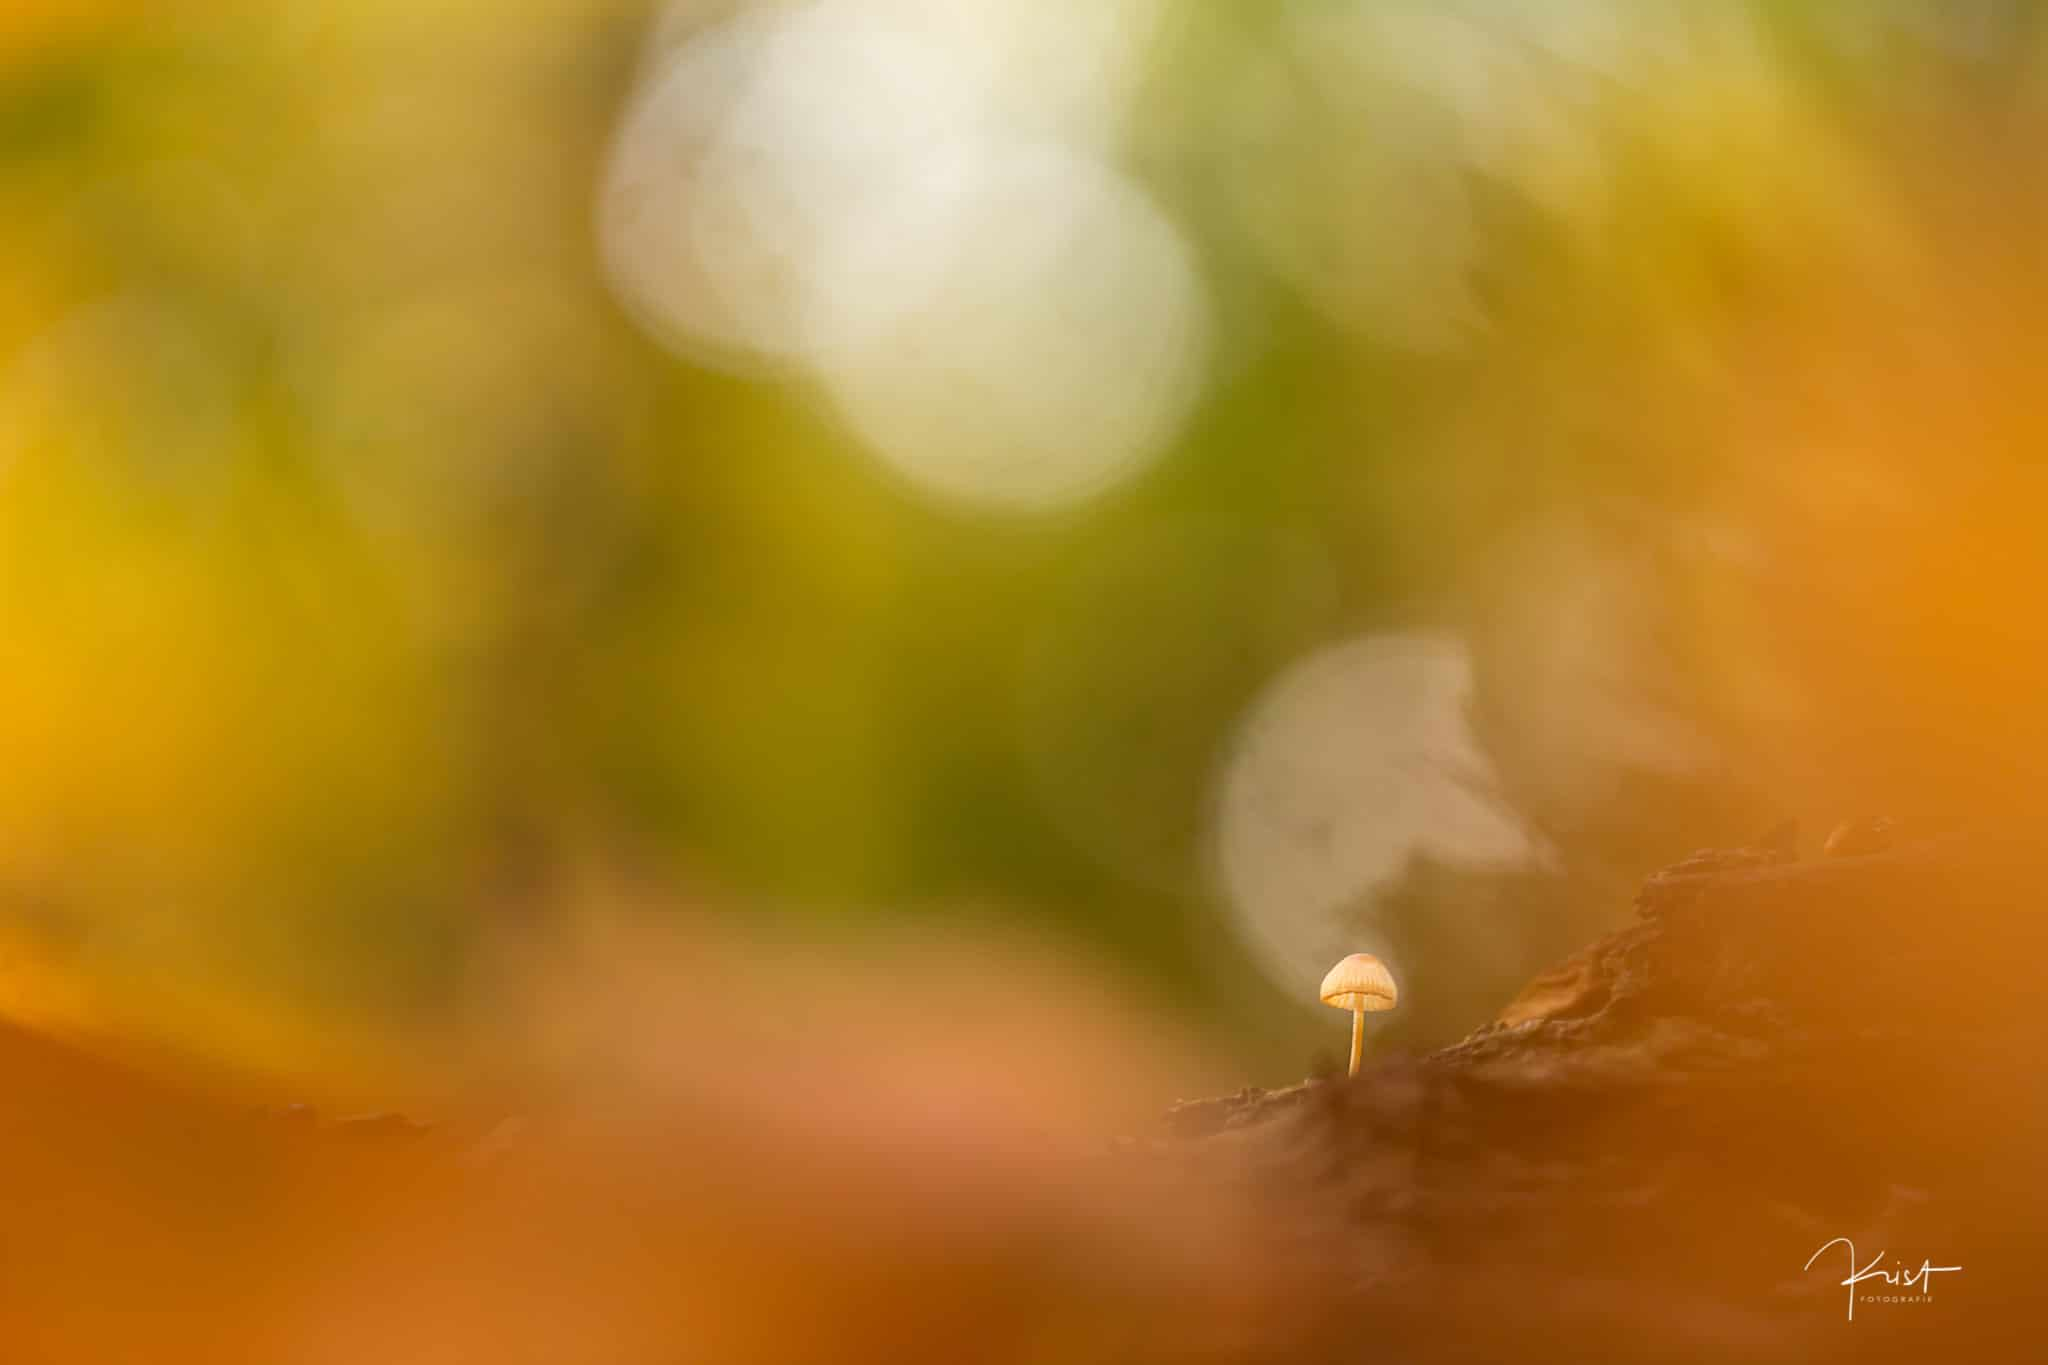 Paddenstoelen - Fotografie Krist